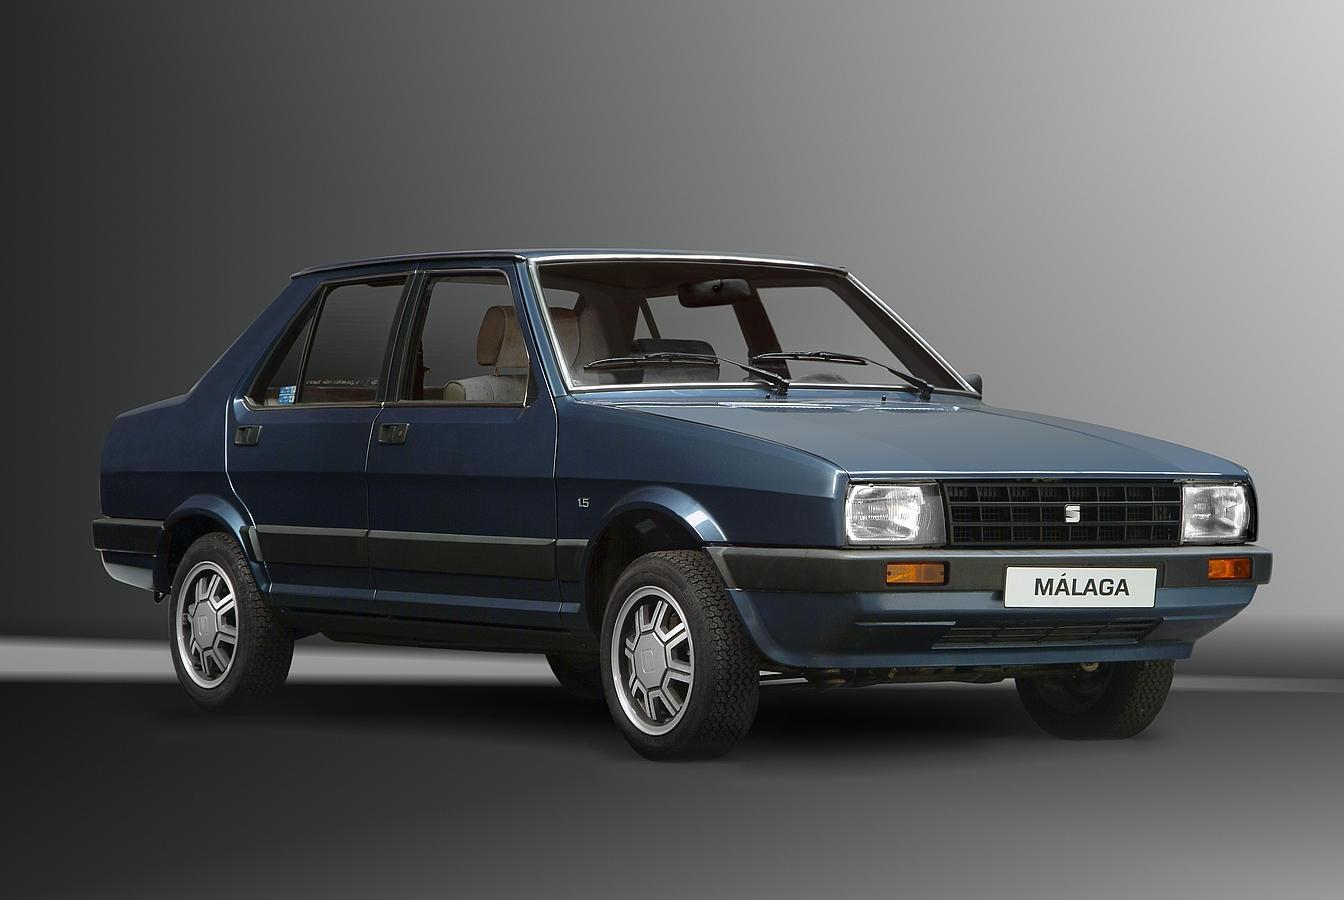 Entre 1985 y 1991 SEAT fabricó el Málaga, una versión con 4 puertas del Ibiza. Fueron 232.000 unidades, a un precio básico de 1.019.000 pesetas